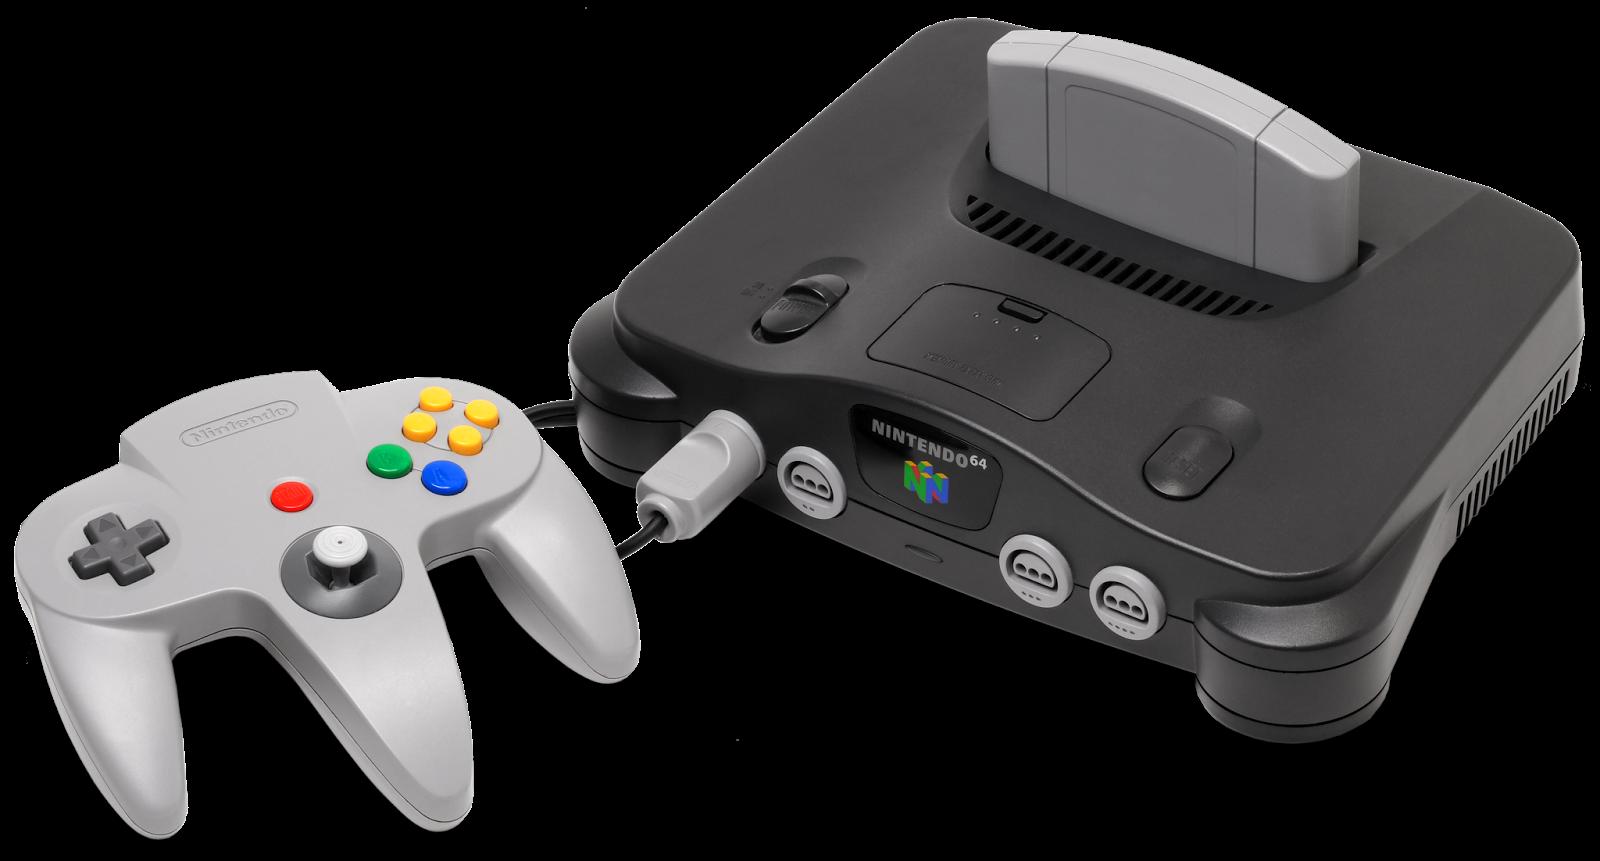 Imagen con la videoconsola Nintendo 64, 1991, fotografía: Evan-Amos (cc:by-sa)